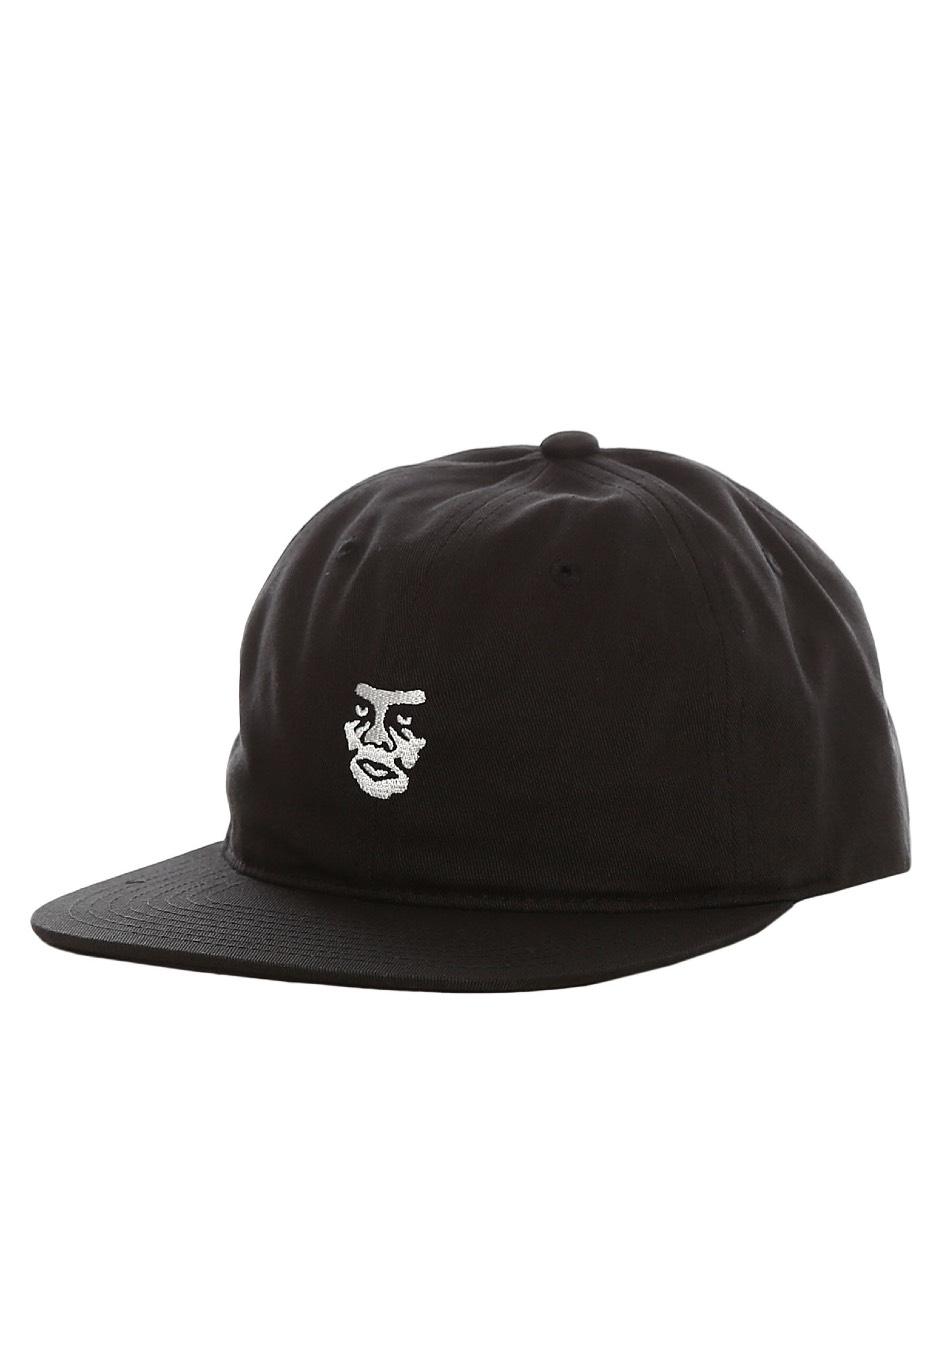 Obey - Creeper Face - Gorra - Tienda de marcas - Impericon.com ES 6c8425895d4